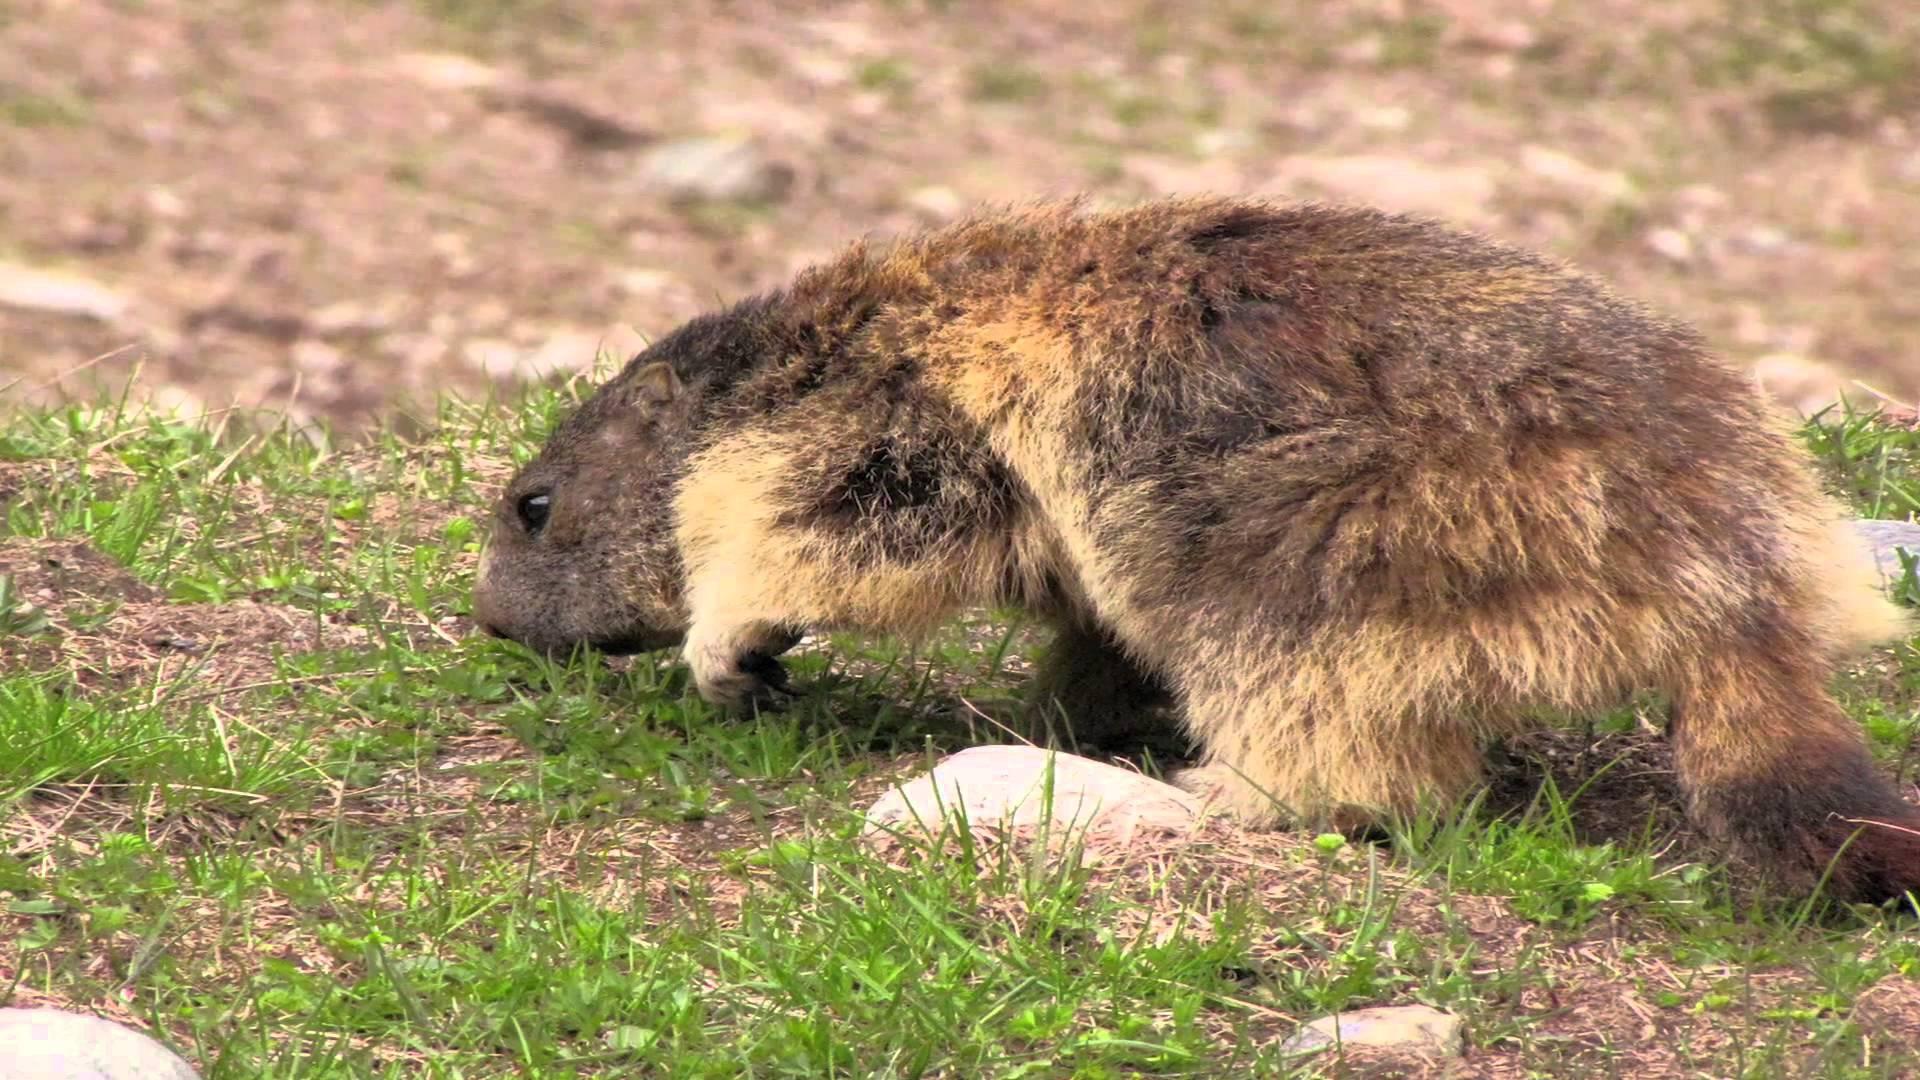 Pillole di natura: Marmotte, che passione!